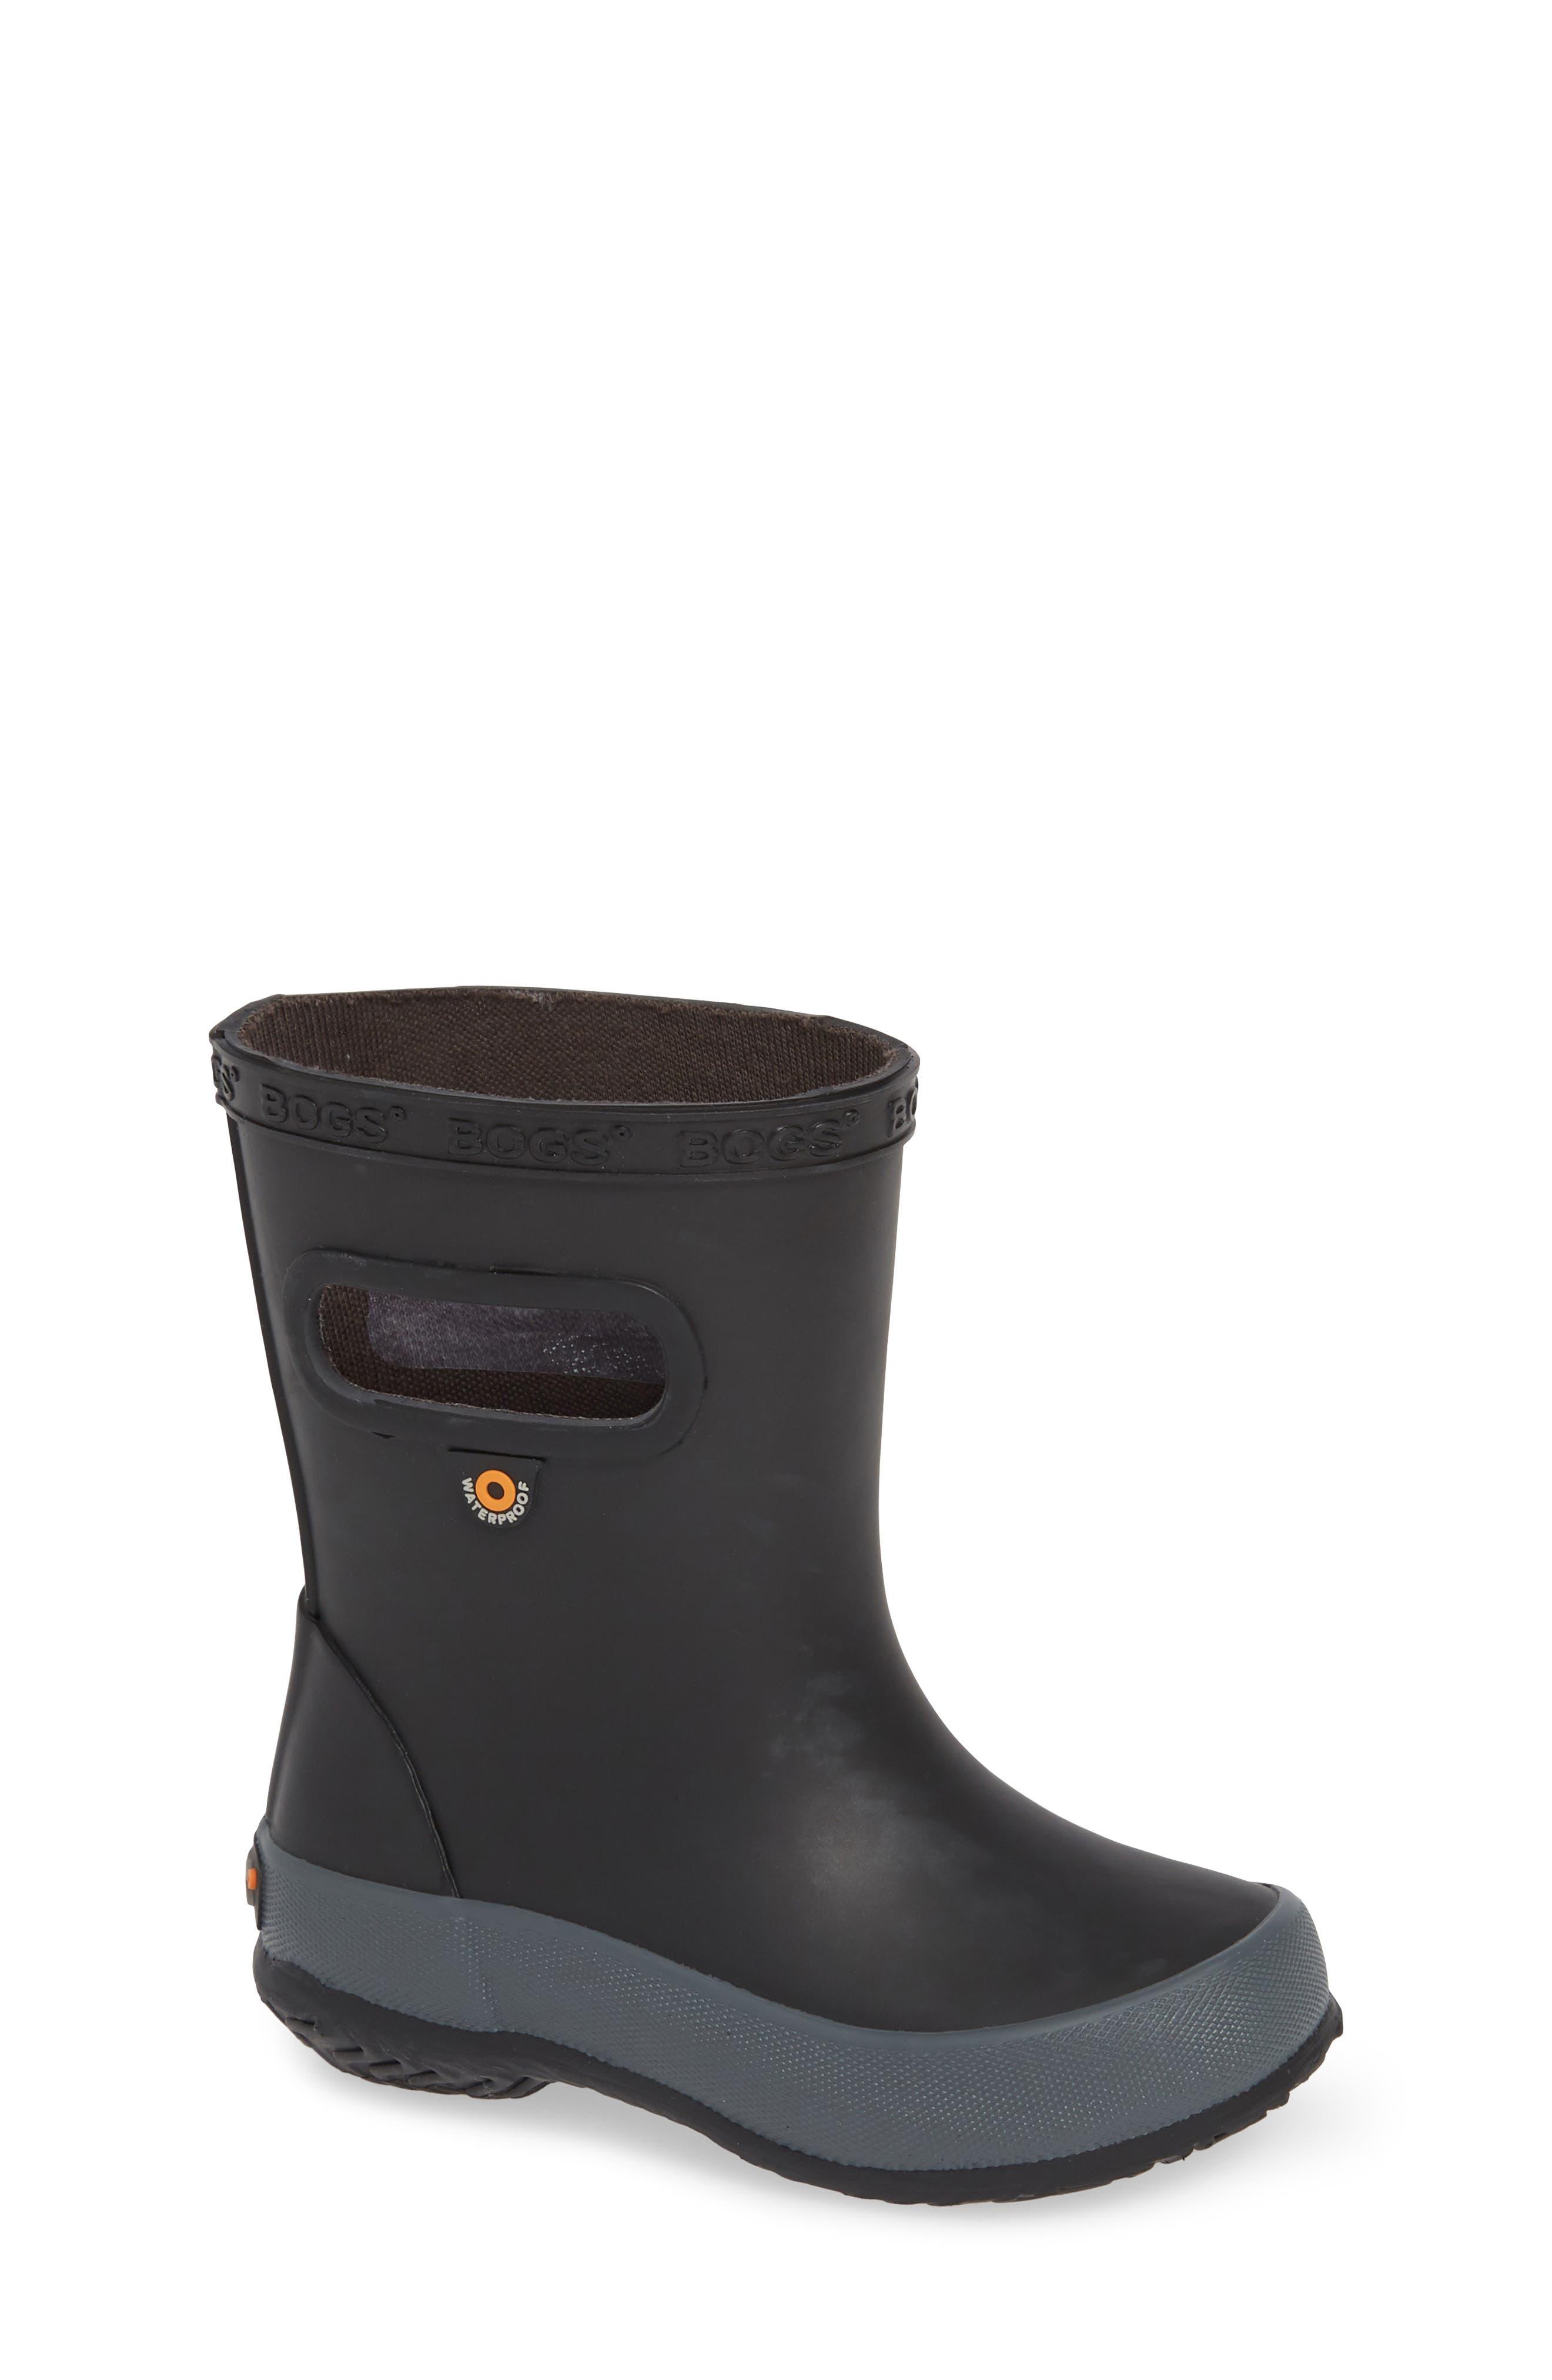 Skipper Solid Rubber Rain Boot, Main, color, BLACK